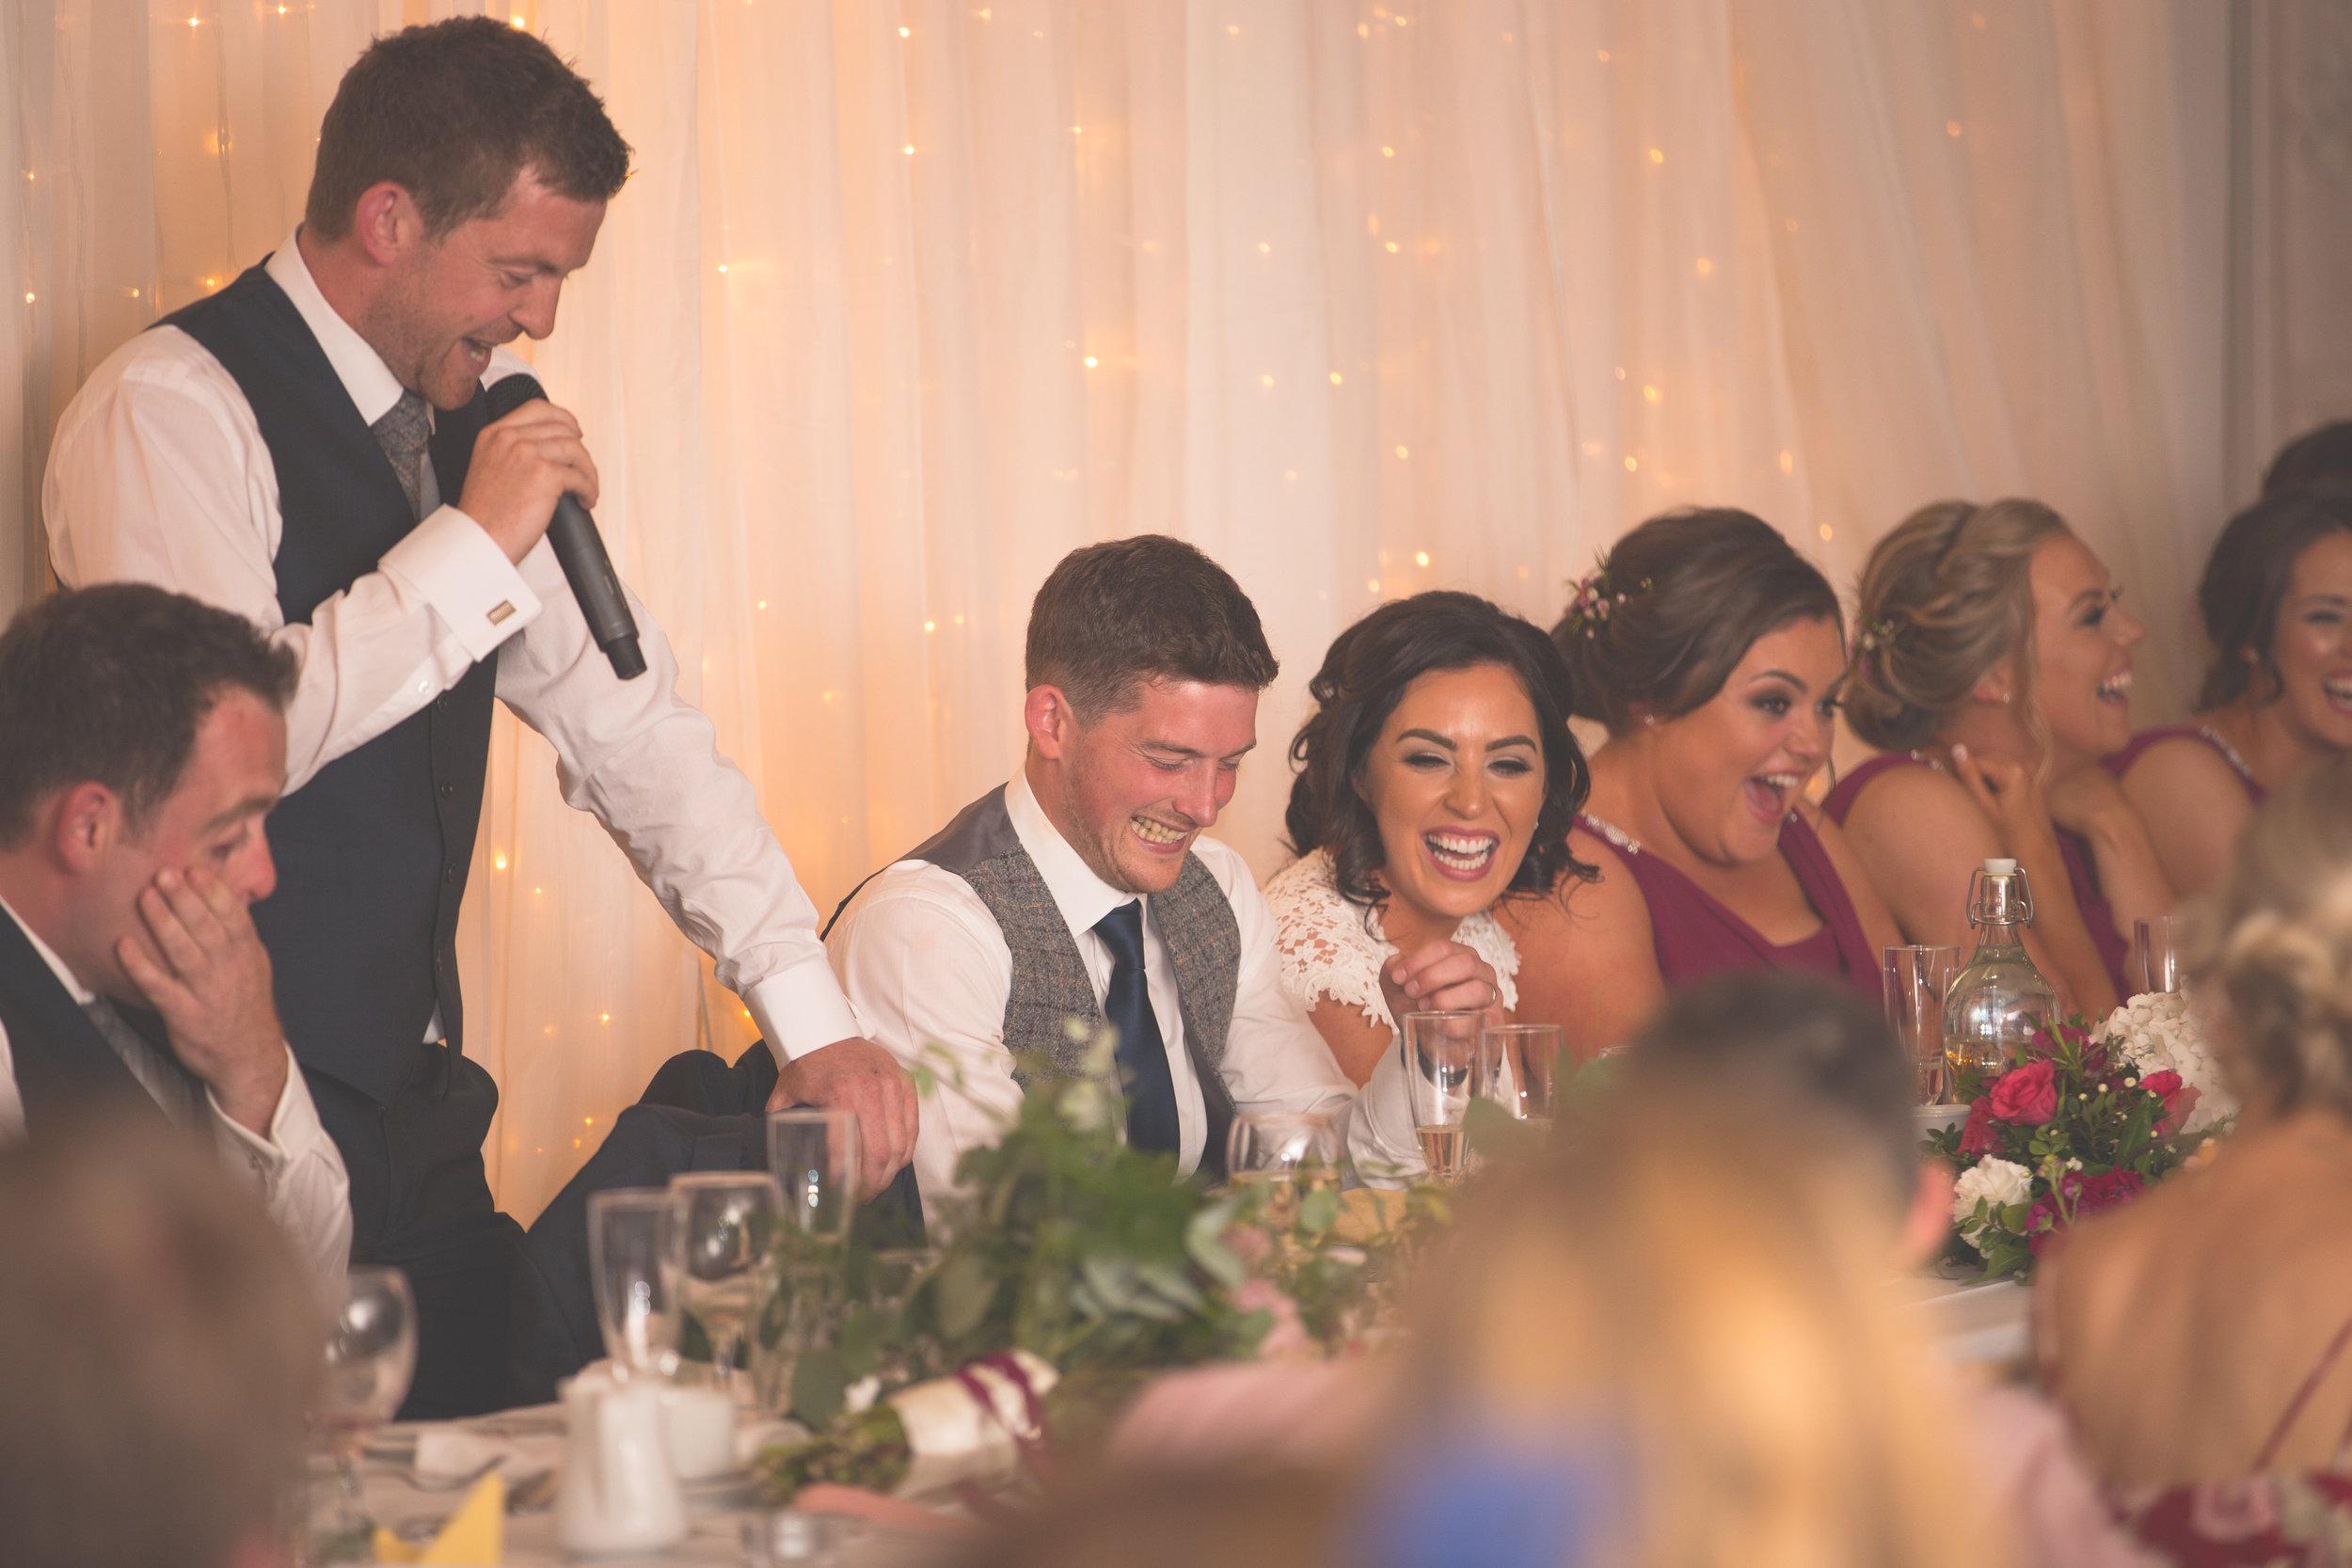 Brian McEwan Wedding Photography | Carol-Anne & Sean | The Speeches-107.jpg